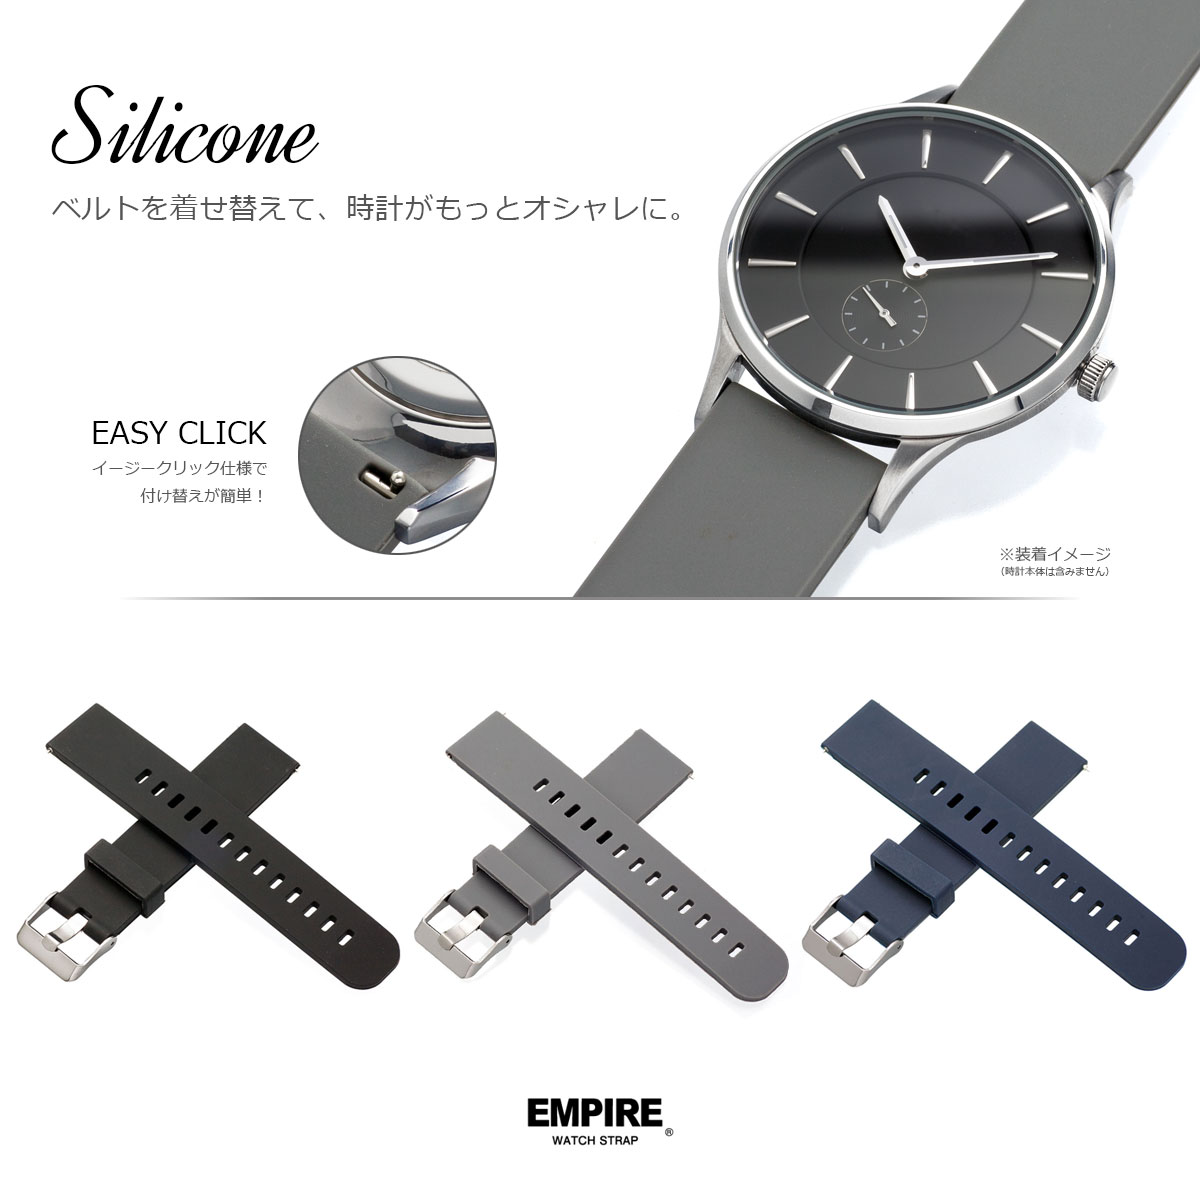 EMPIRE シリコン 腕時計 ベルト イージークリック バンド 時計ベルト 腕時計ベルト 時計 ベルト シリコンバンド シリコンベルト 18mm 20mm 22mm